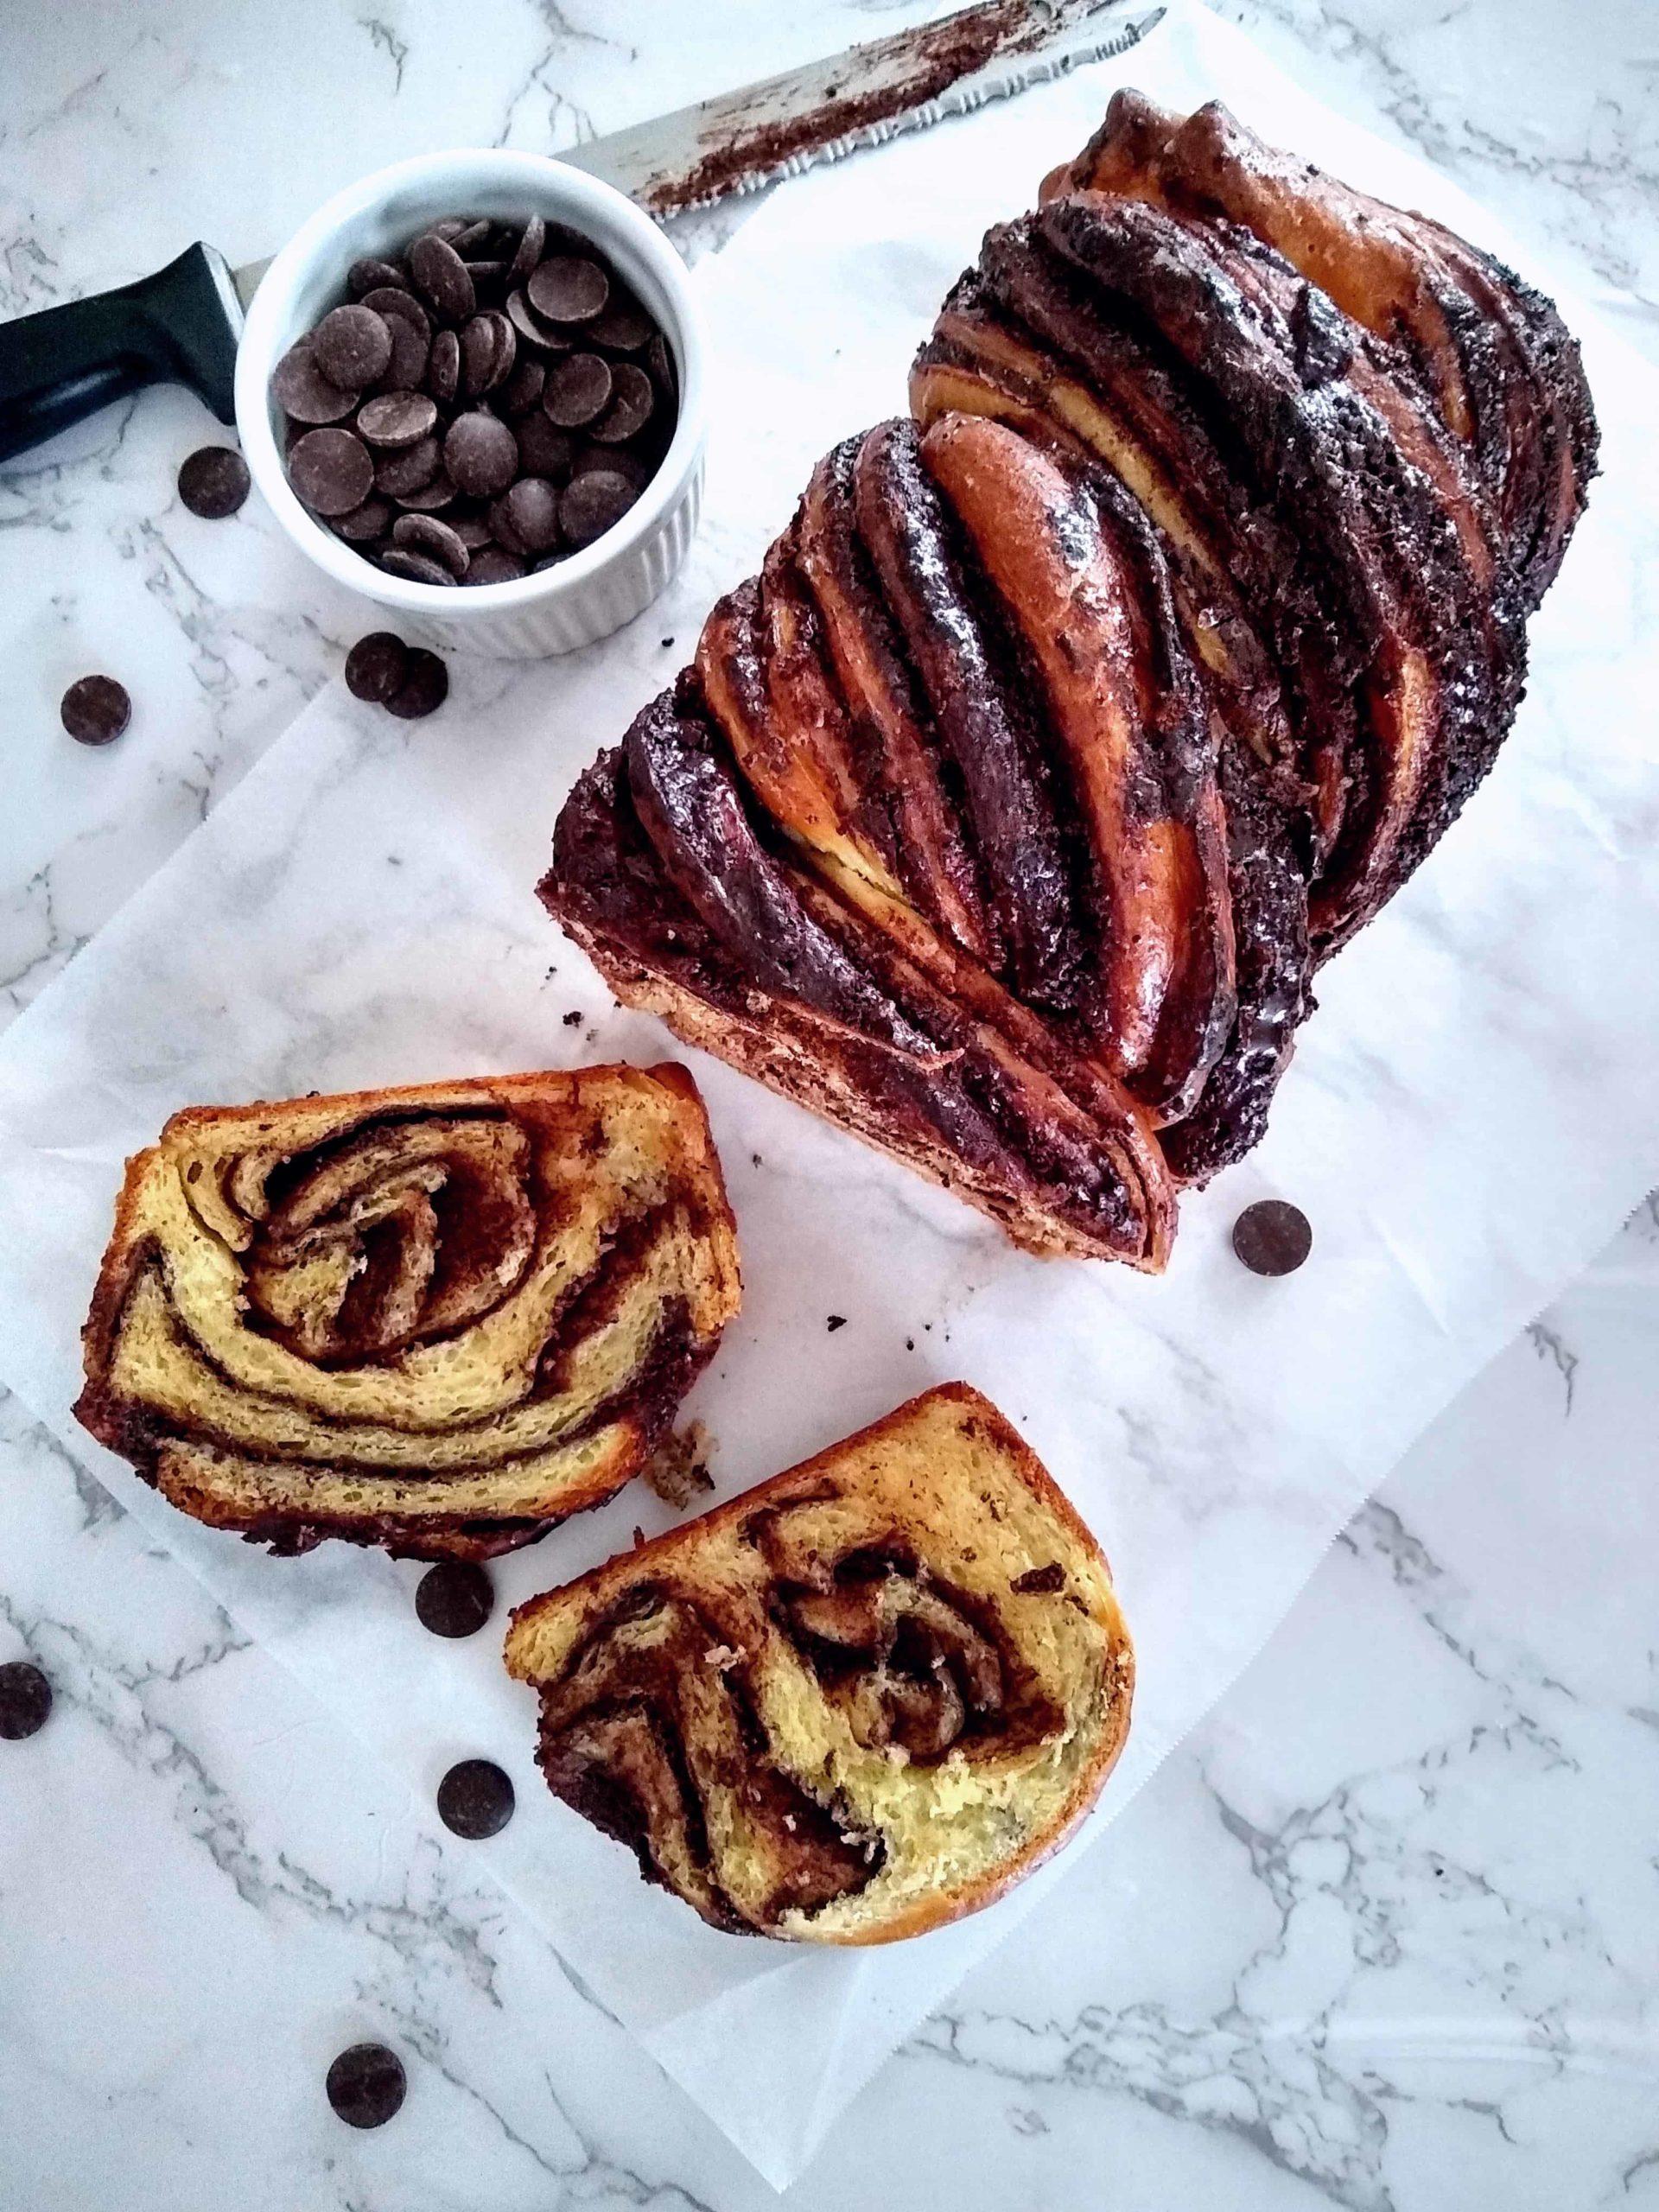 Babka Bread / Chocolate Babka / Krantz Cake